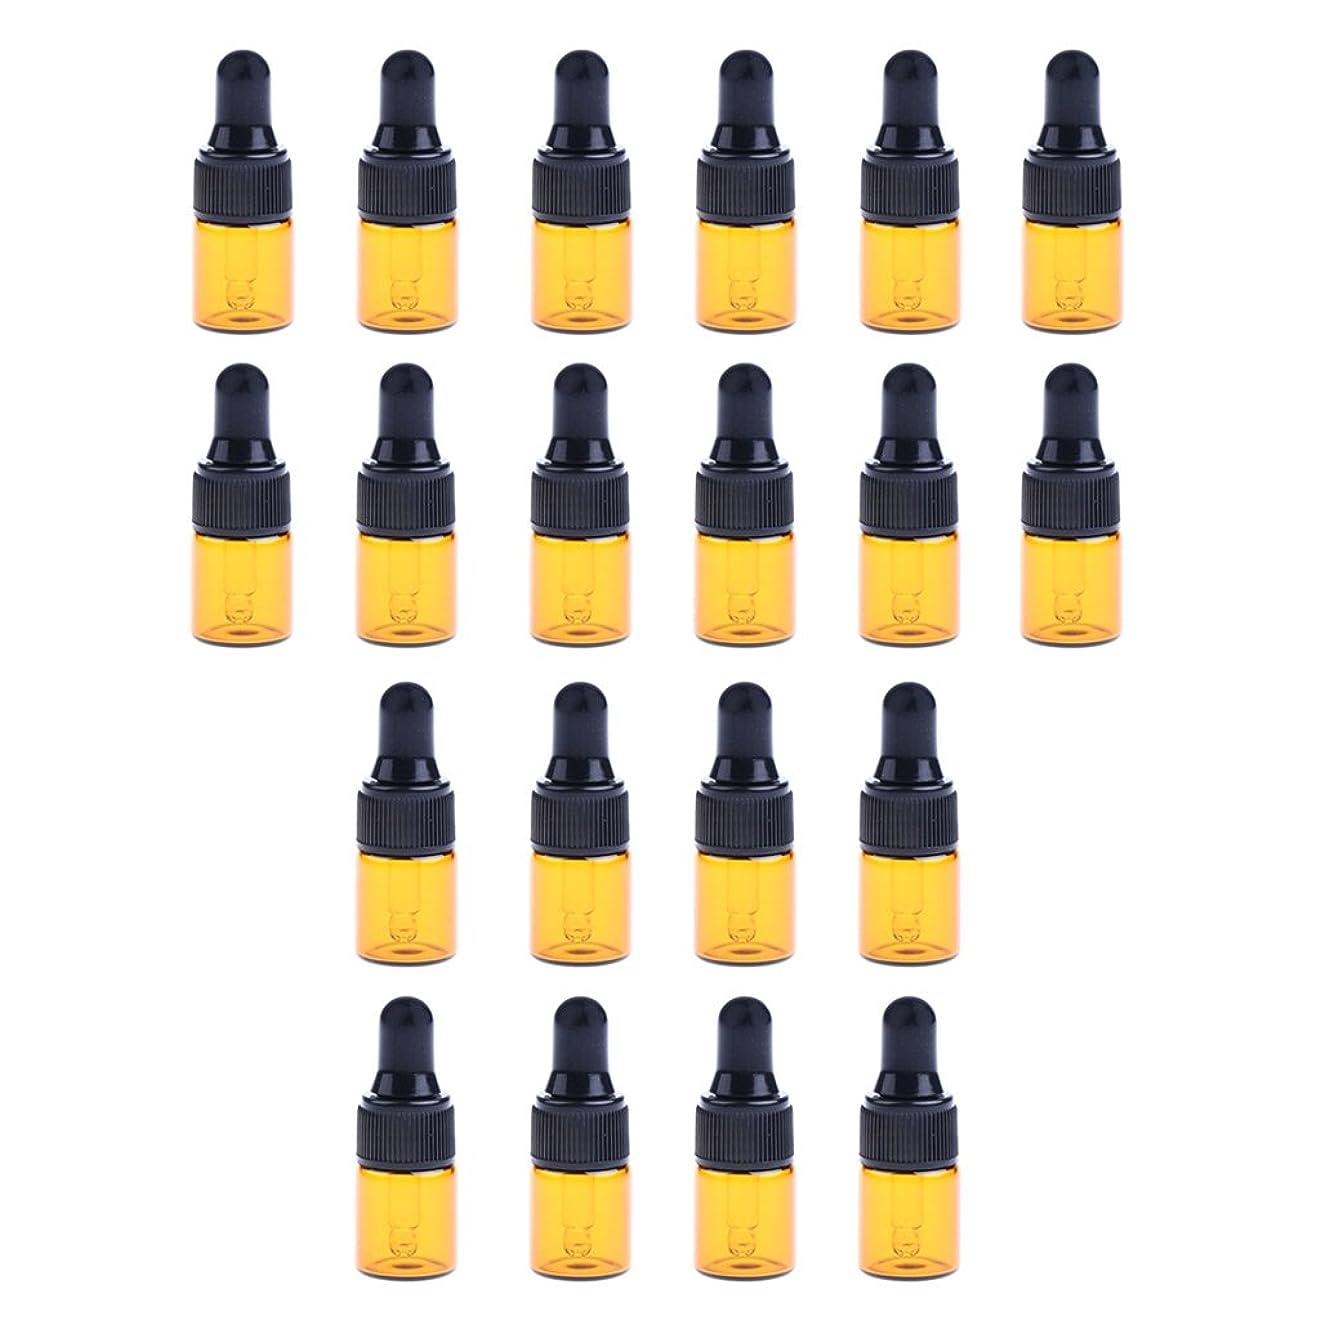 導出仮定するひばりCUTICATE 約20個 ガラスボトル コスメ用 スポイトボトル ガラス瓶 香水 オイル 詰替え 旅行 3サイズ選べ - 1ML